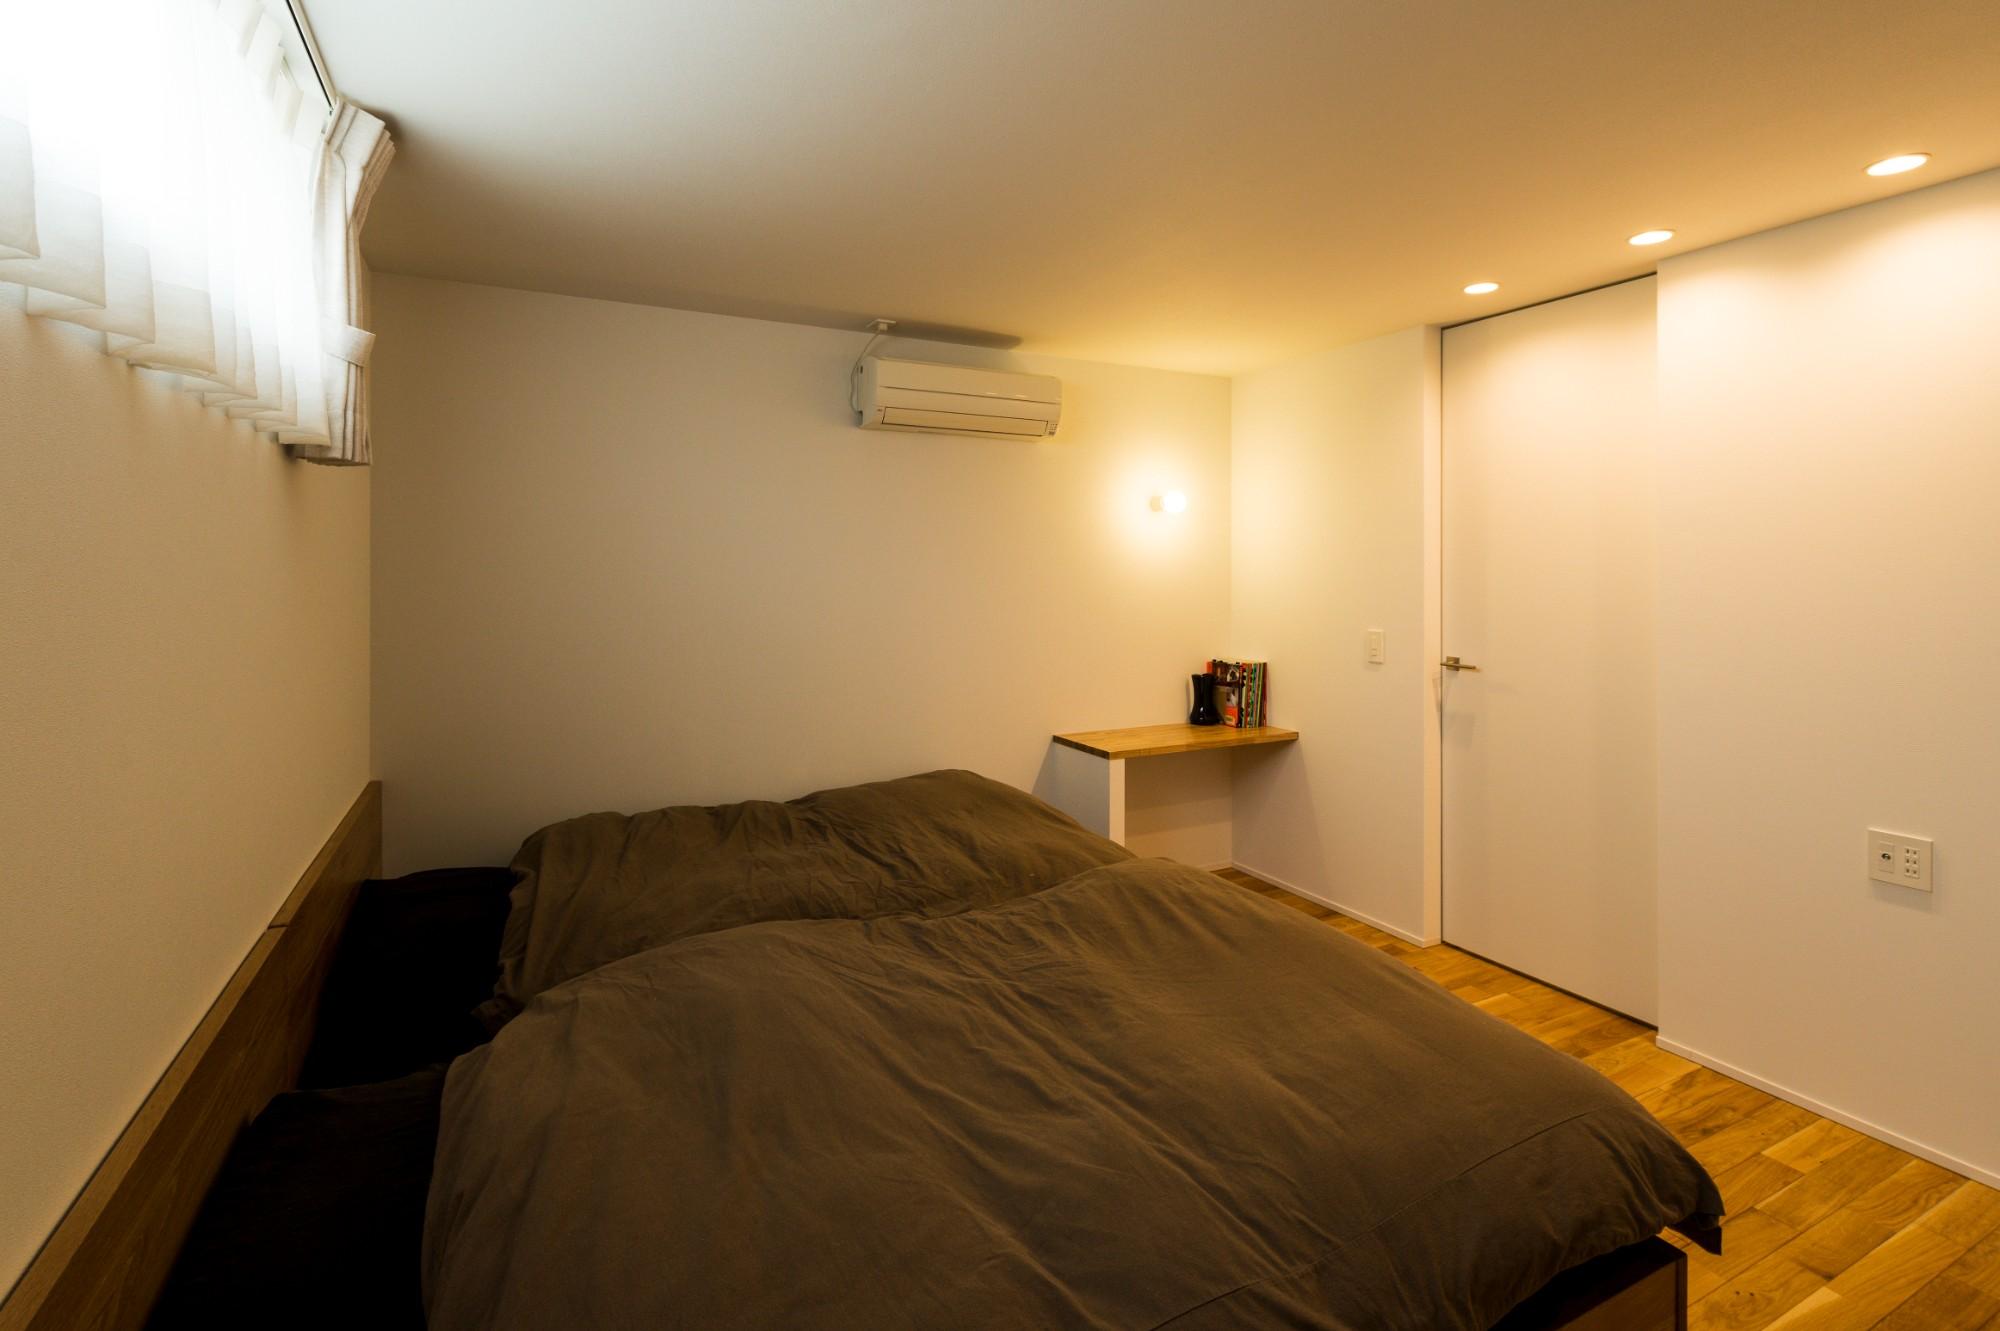 フクダハウジング株式会社「住む人の個性や楽しみを追求した家」のシンプル・ナチュラルな居室の実例写真